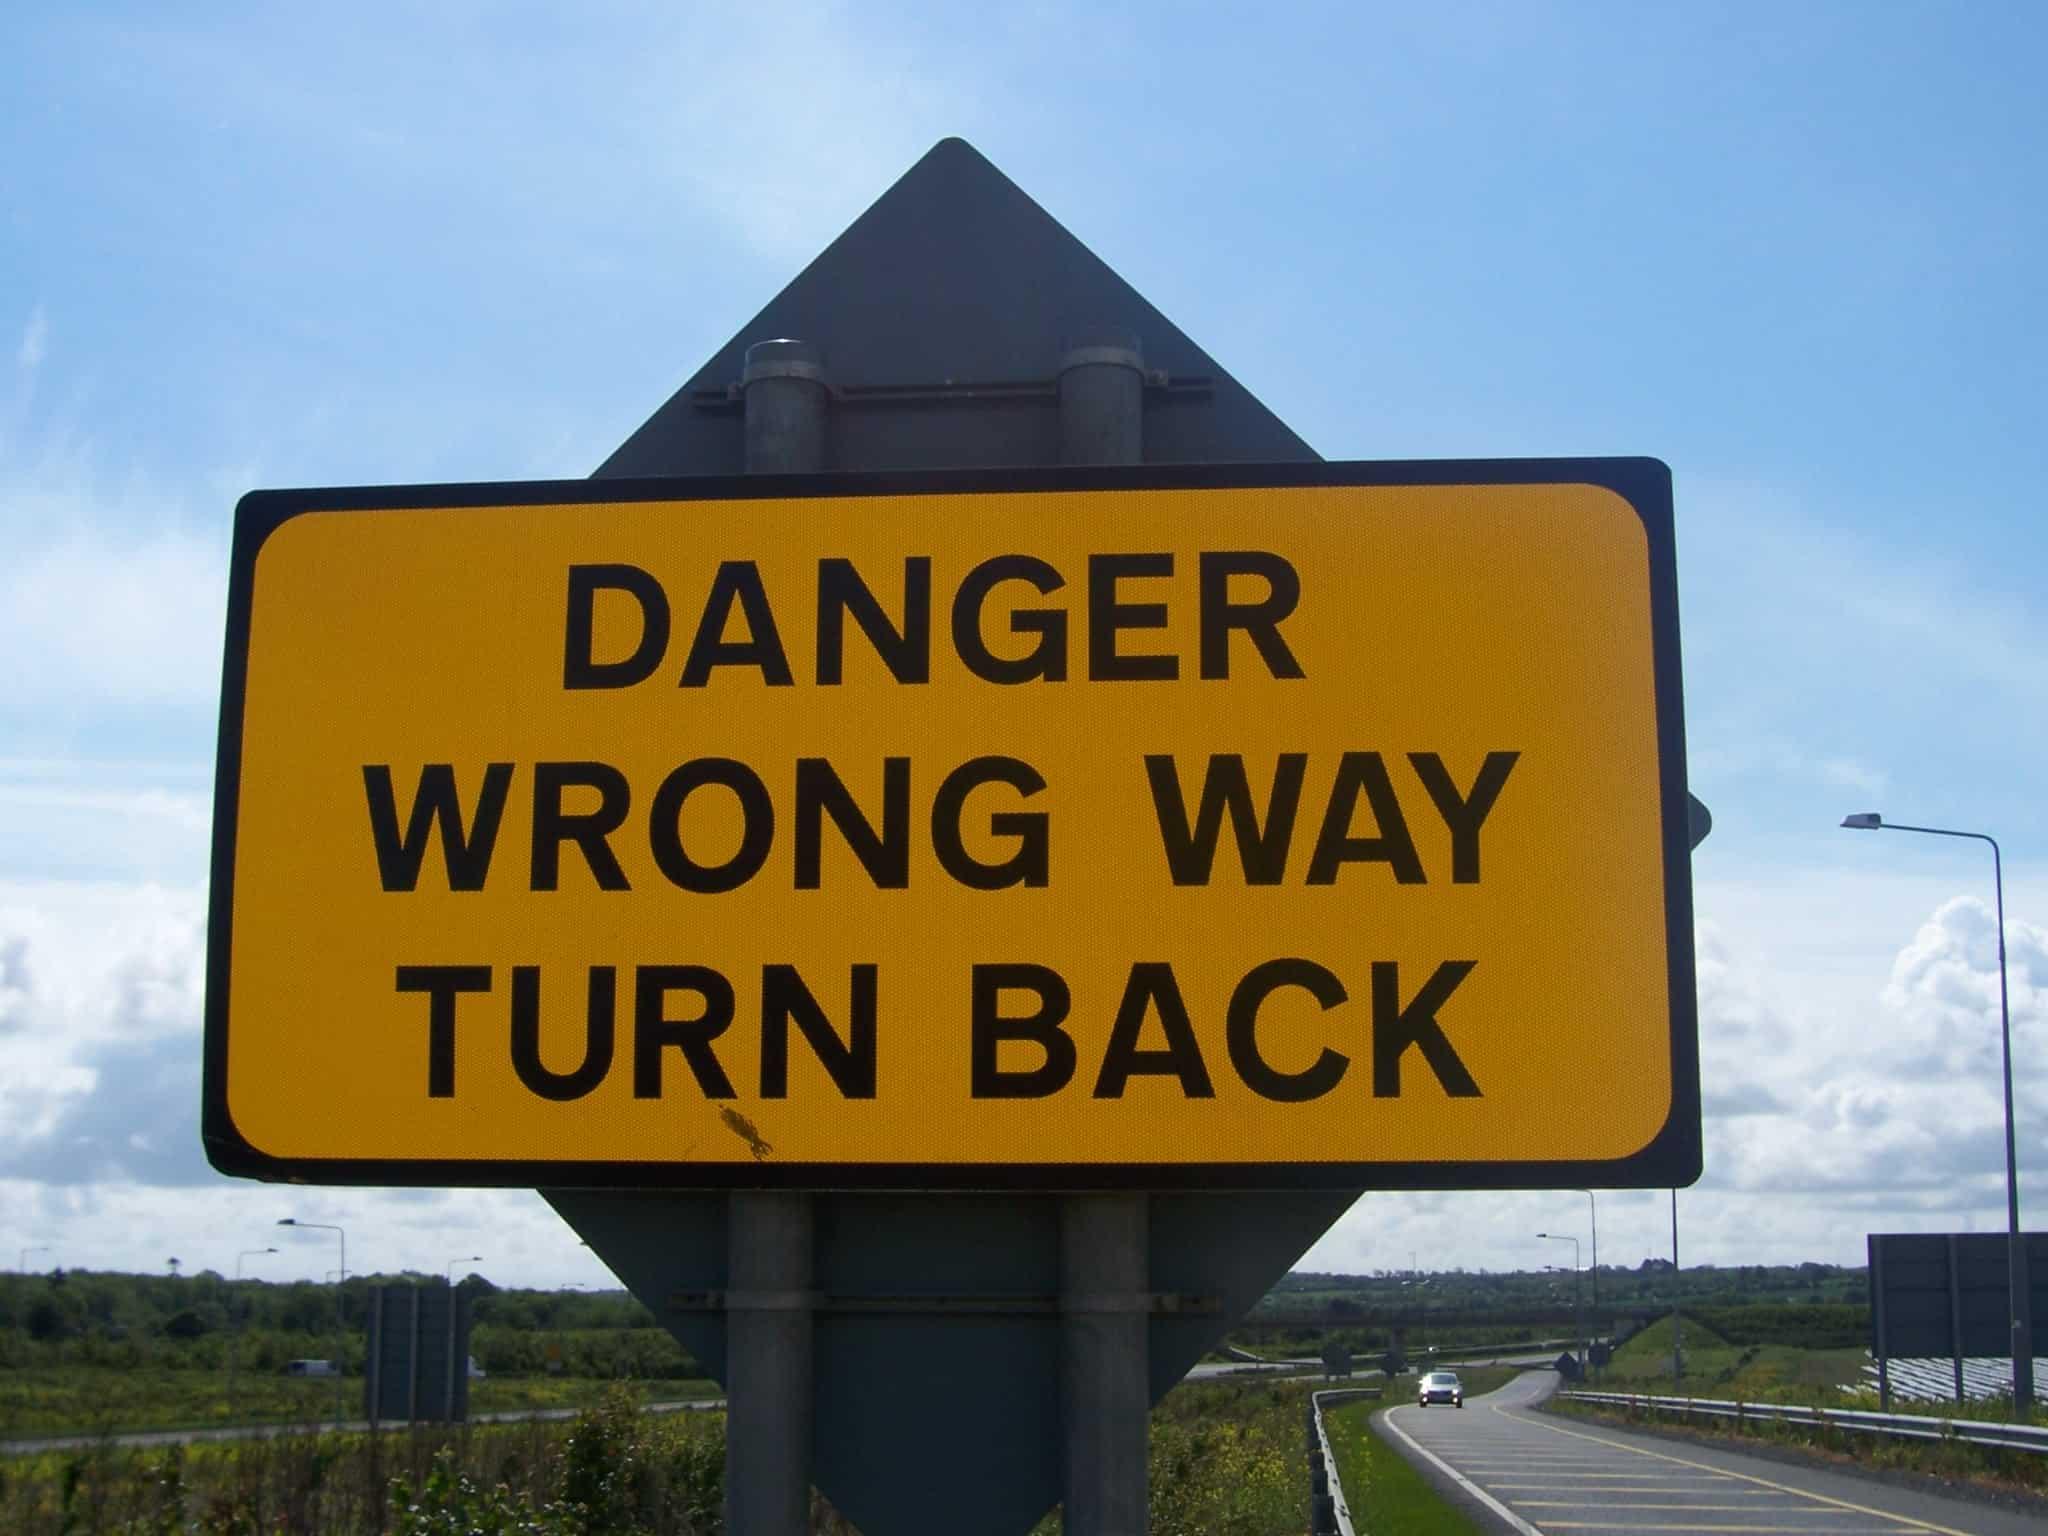 Danger Wrong Way Turn Back